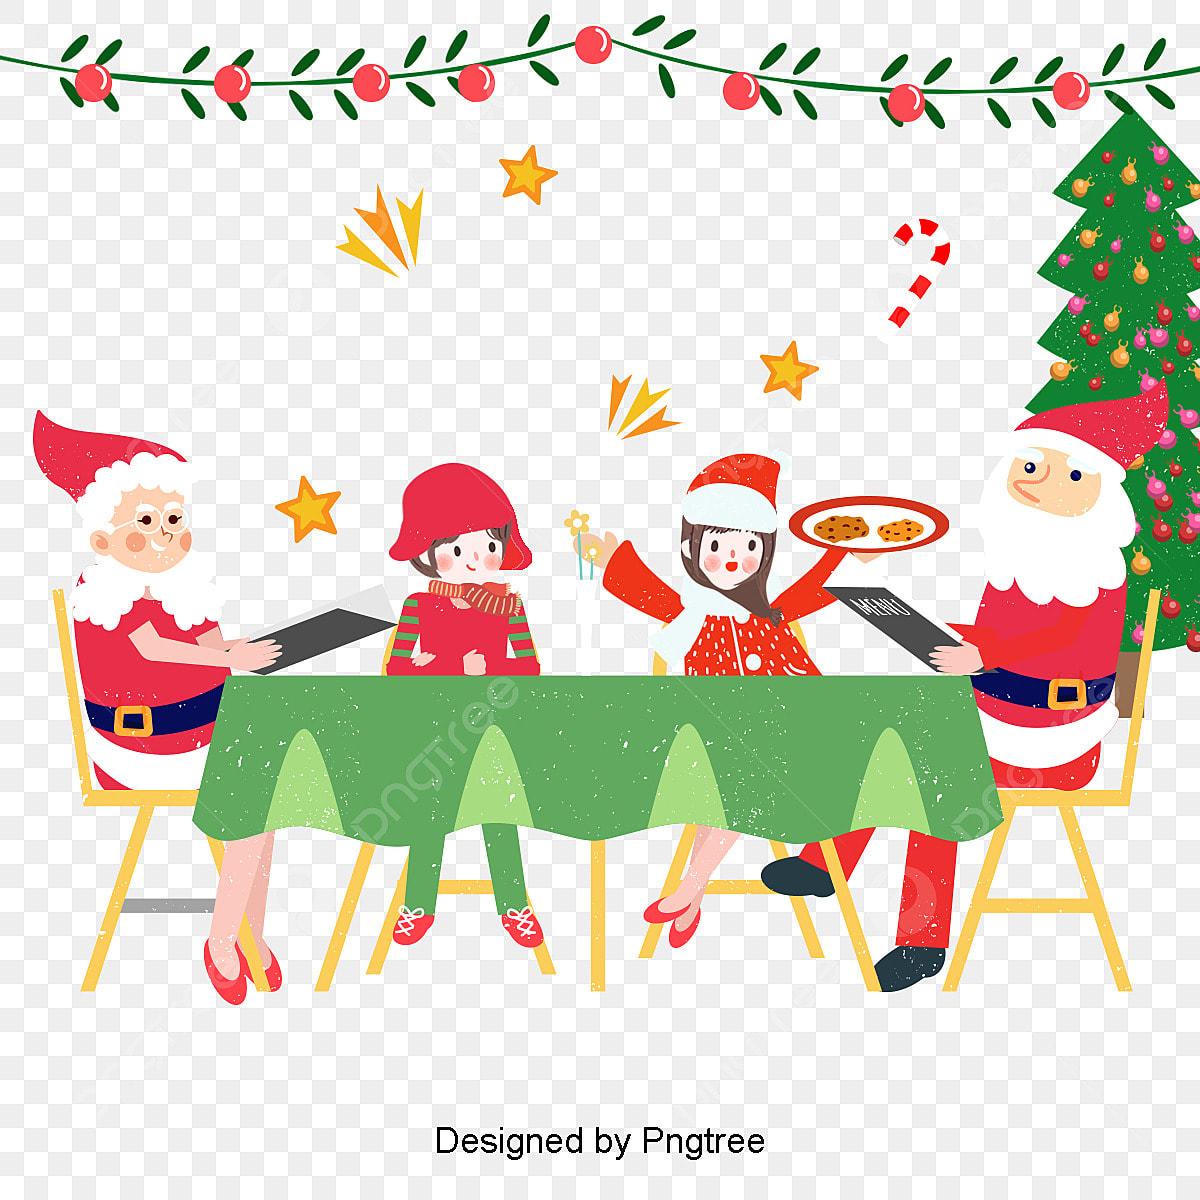 Christmas Celebration Cartoon Images.Christmas Celebration Illustration The Warm Gathering